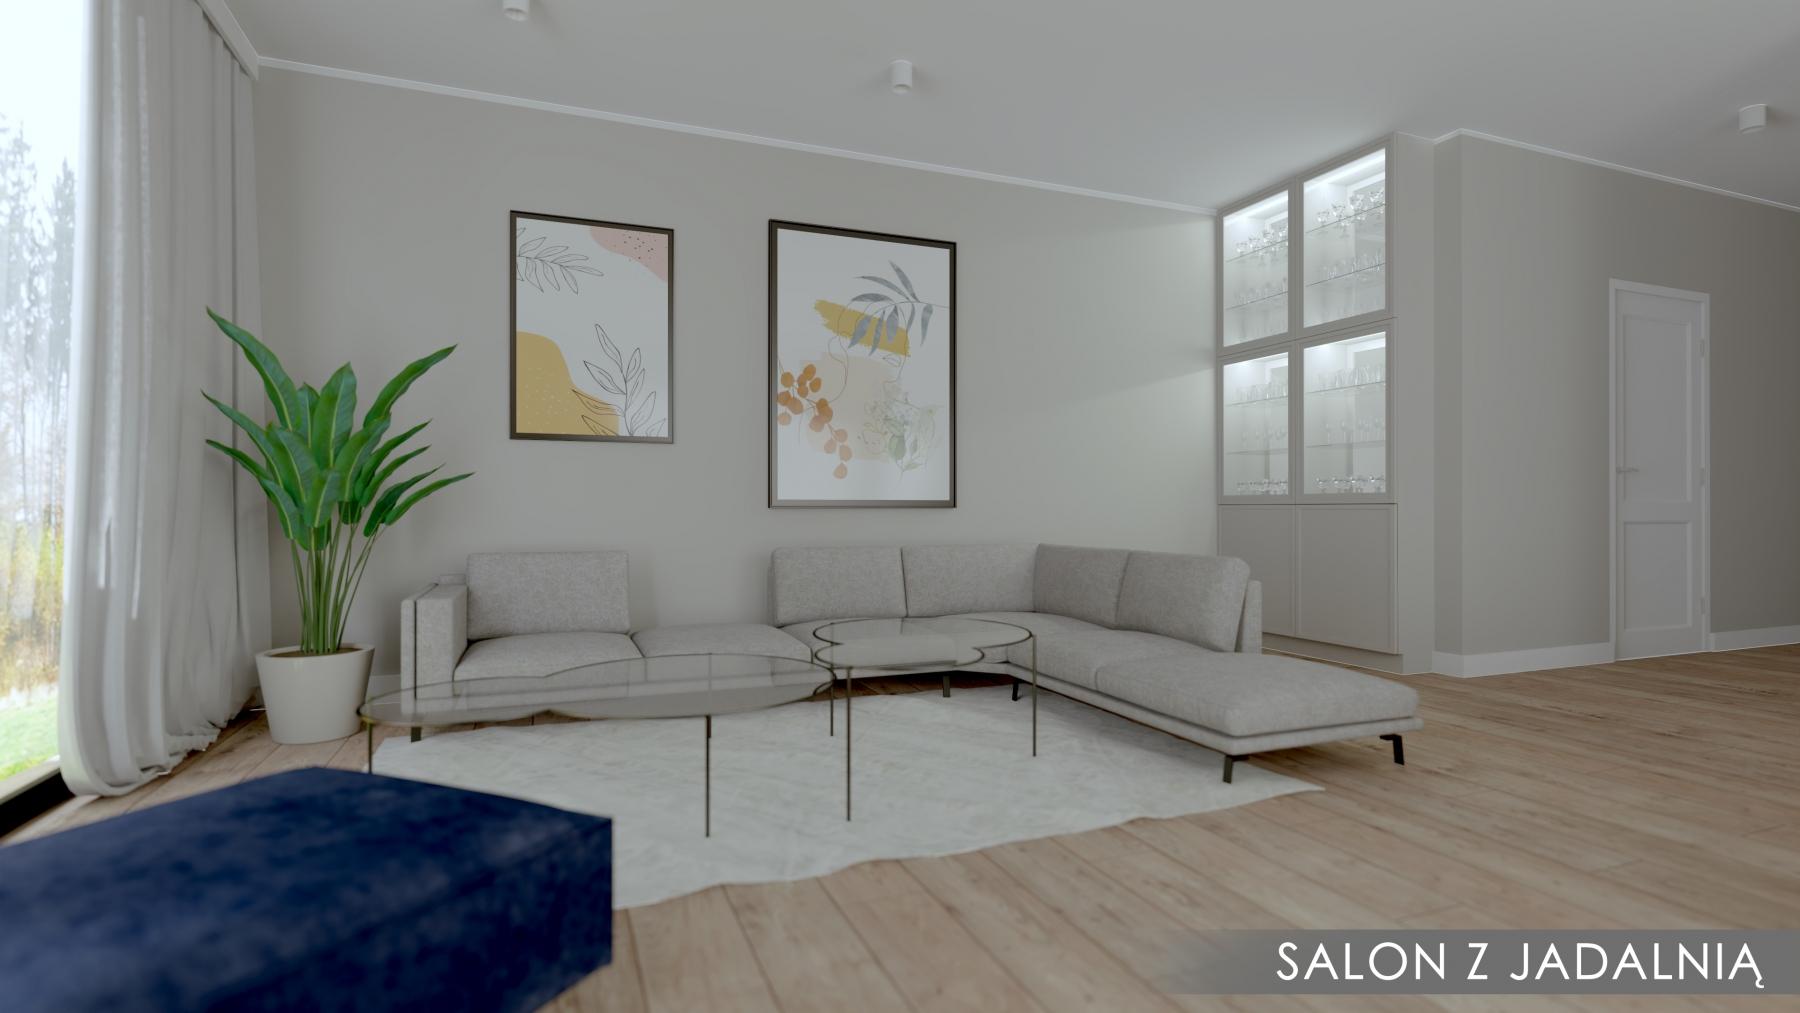 2 2-Salon-z-jadalnia